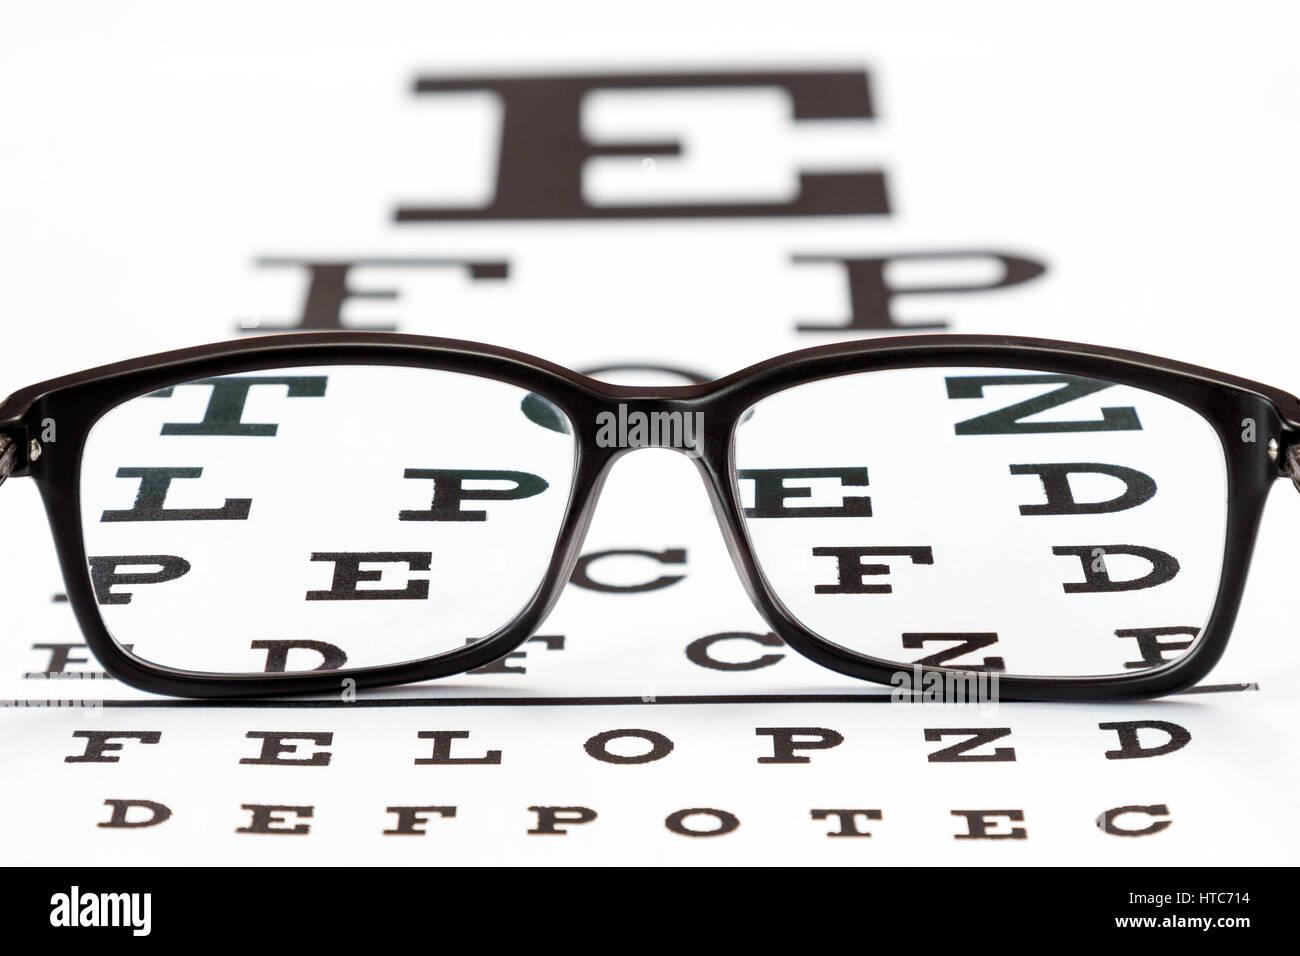 Glasses on a eye exam chart to test eyesight accuracy stock photo glasses on a eye exam chart to test eyesight accuracy nvjuhfo Choice Image